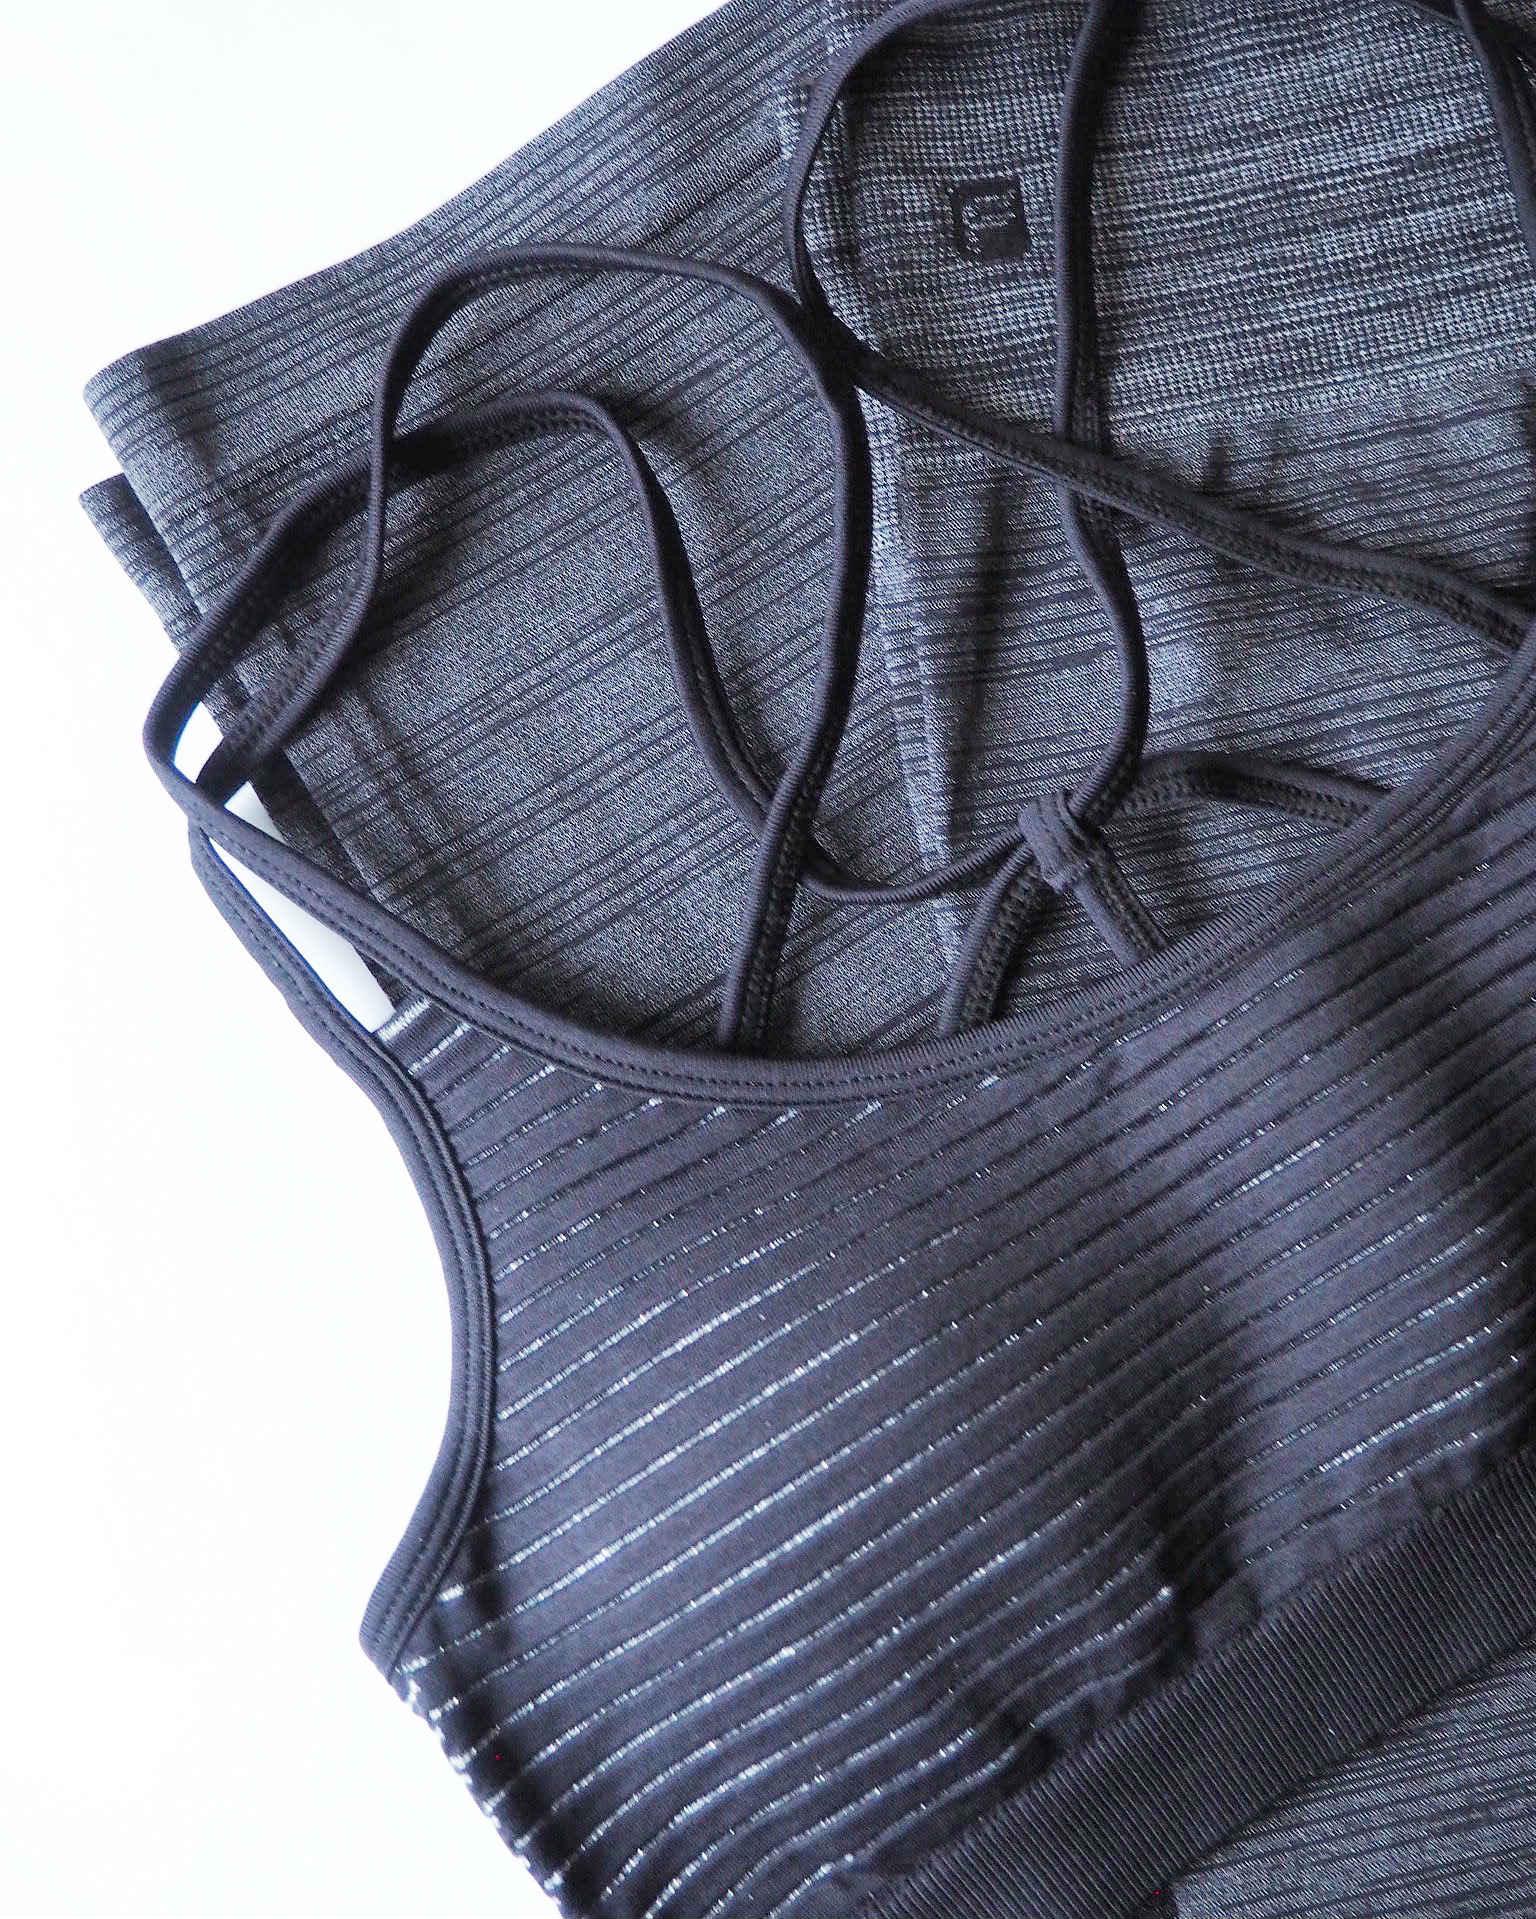 Yogamode & Sportkleidung - Die neue Fabletics Kollektion